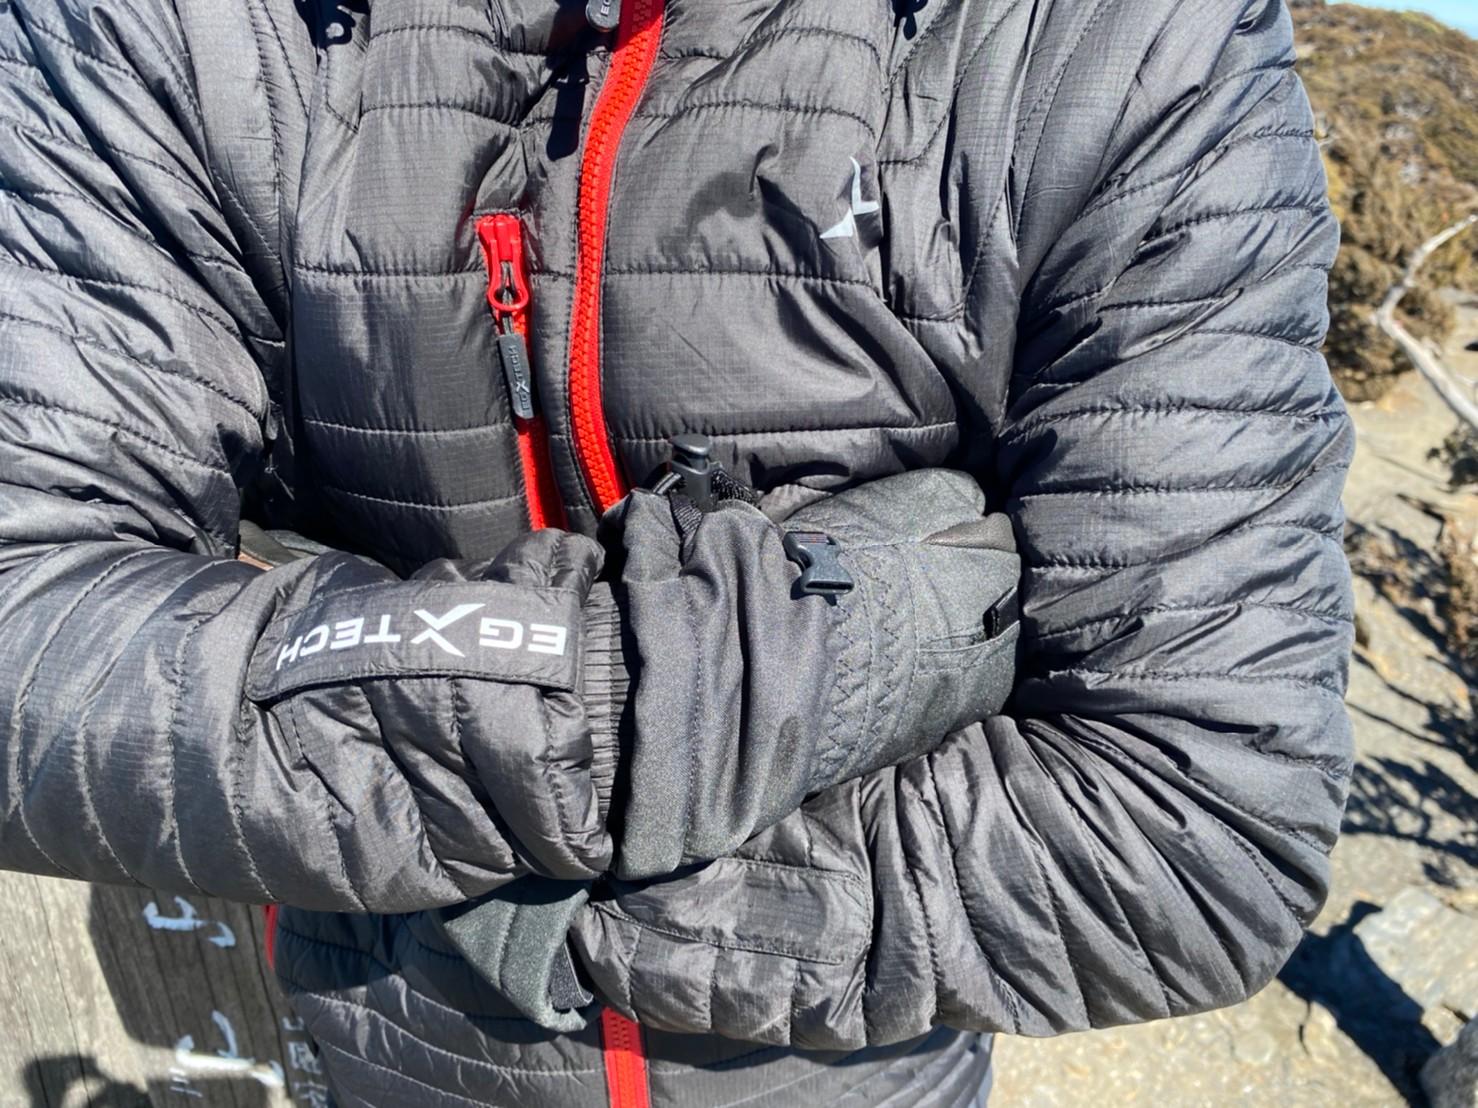 EGX的UV-2 男款變色龍2 IN 1高效保暖外套胸口有口袋設計,置放小物非常方便!